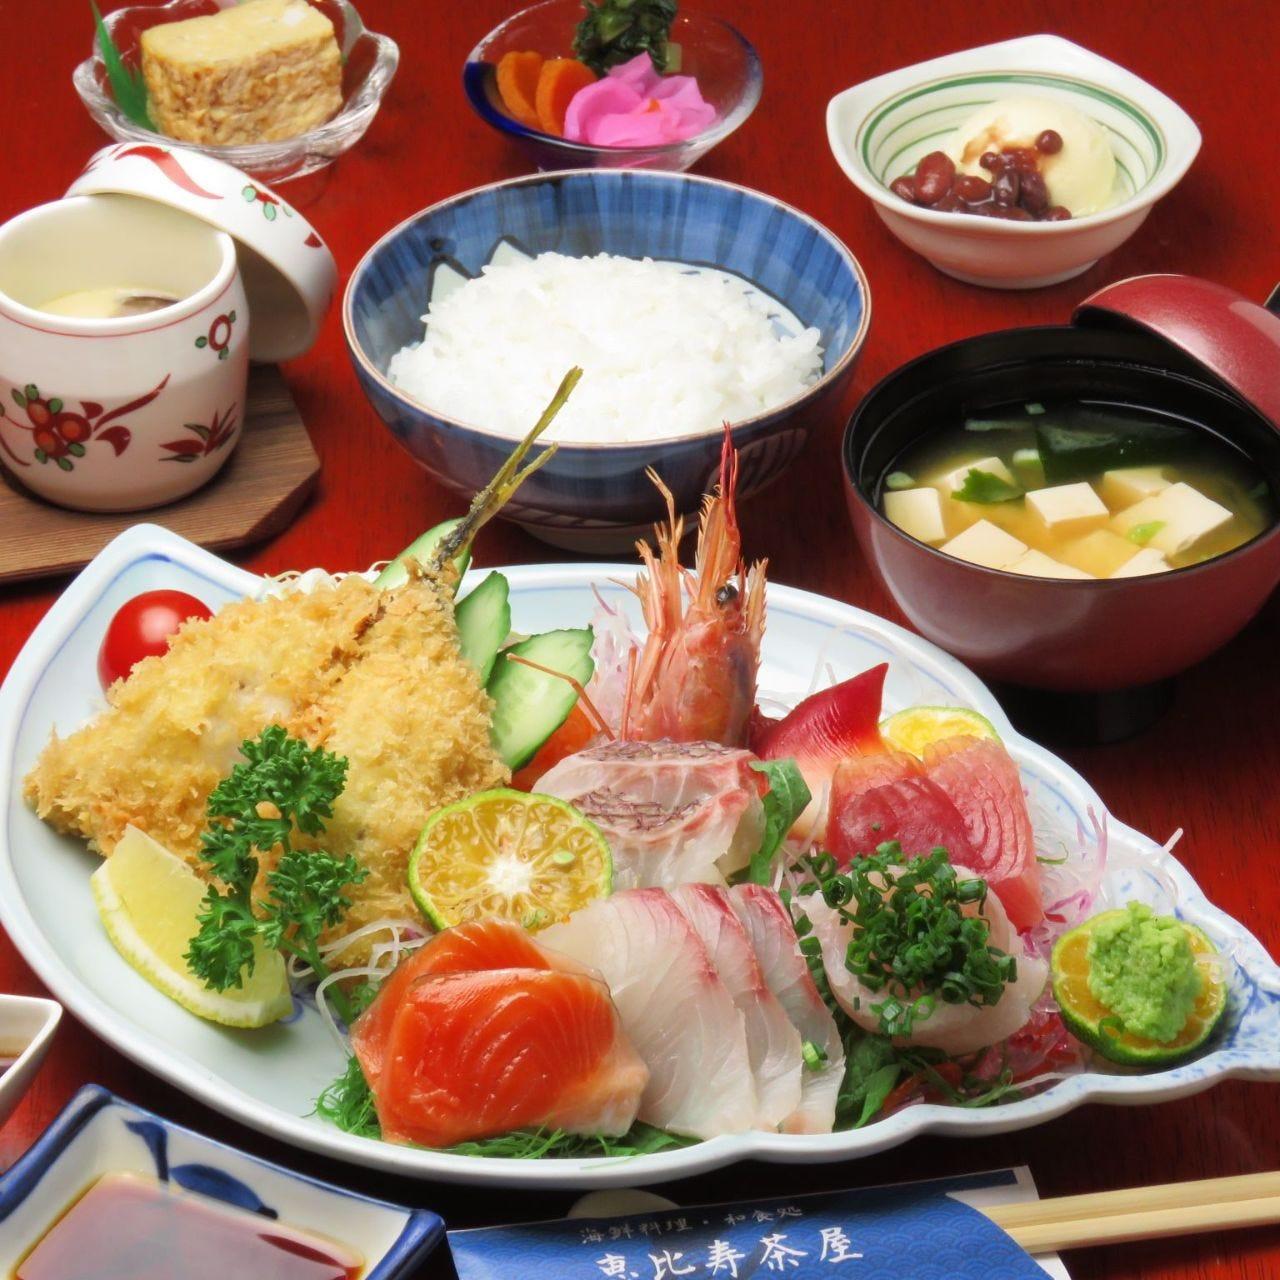 全国の港より仕入れる絶品新鮮魚介類